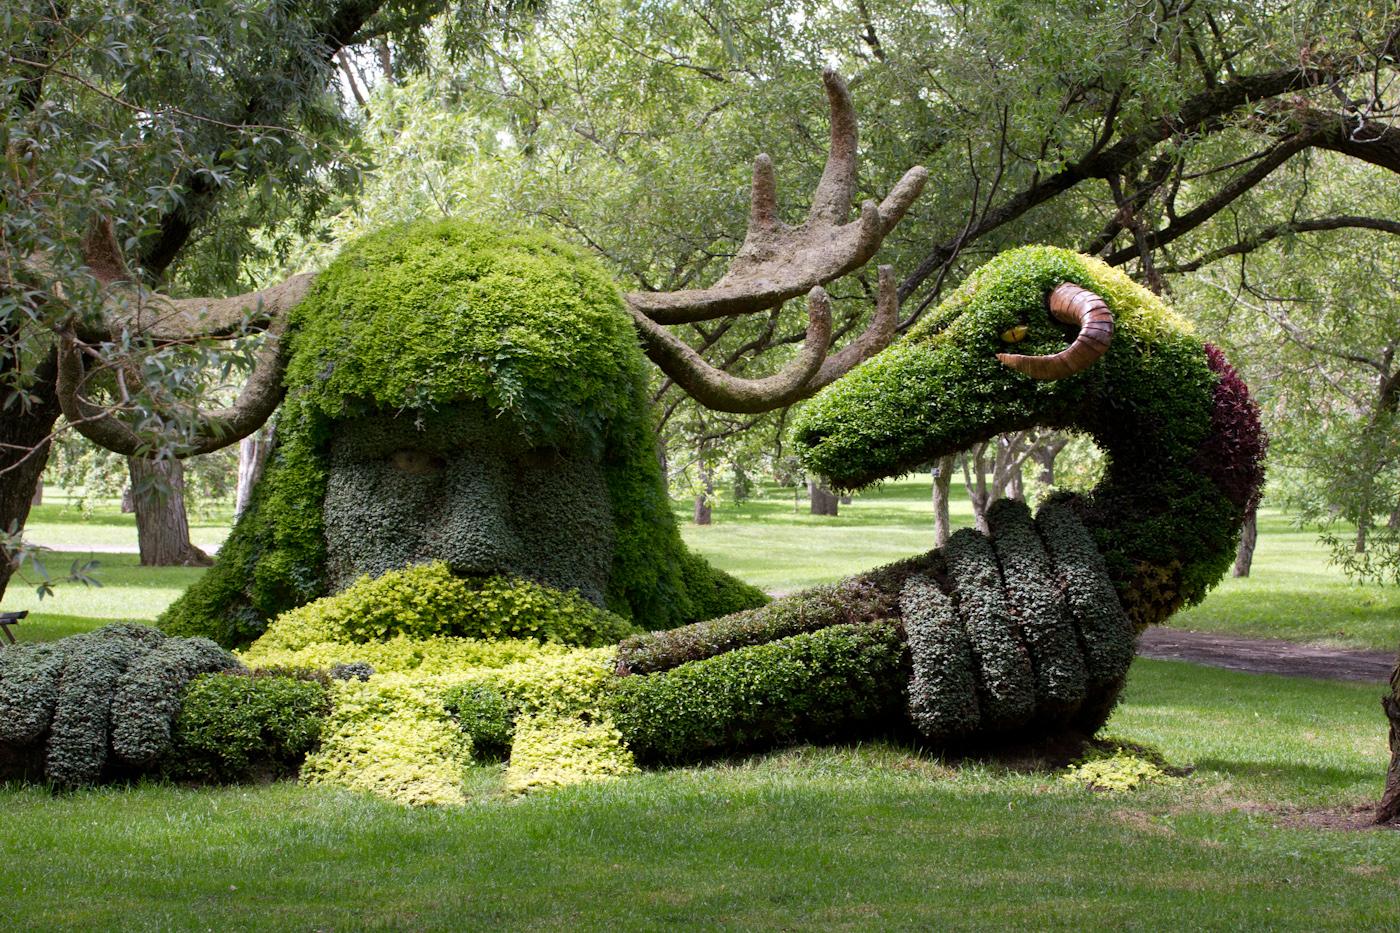 Les g ants des mosa cultures internationales essentiae for Jardin botanique de conception